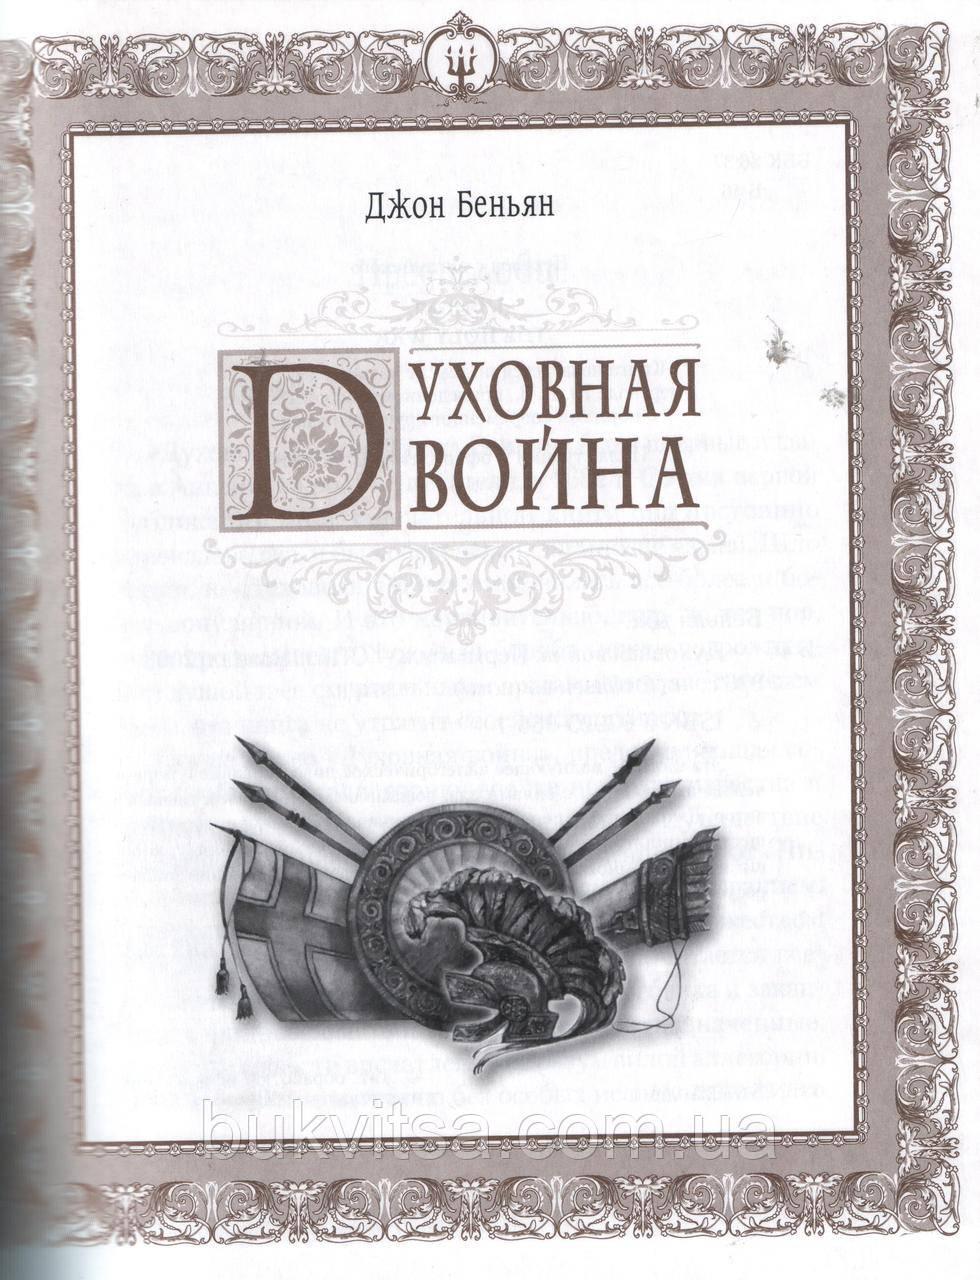 Духовная война /Евангельское слово/ Джон Буньян